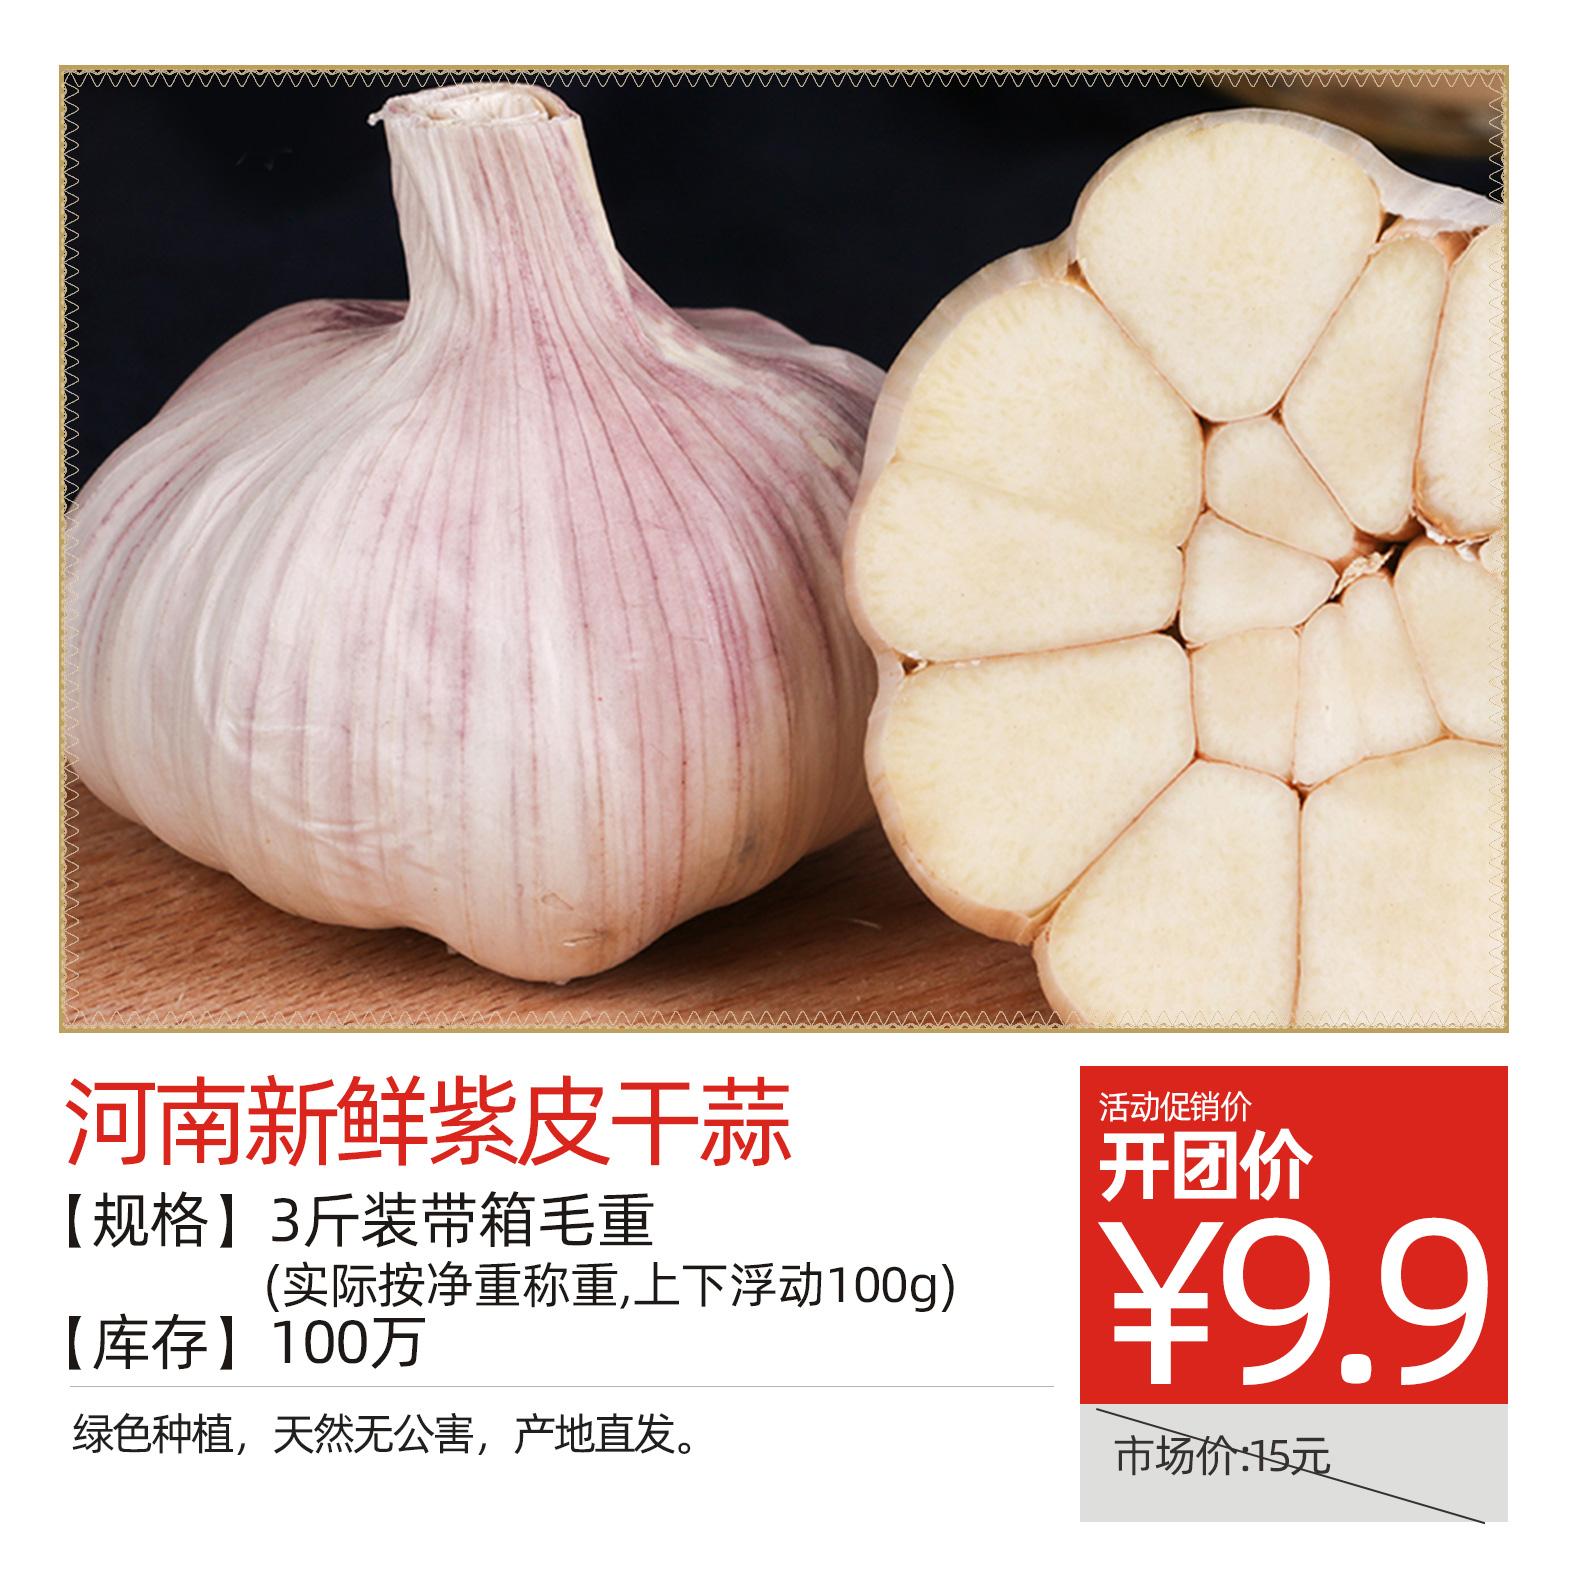 河南新鲜紫皮干蒜